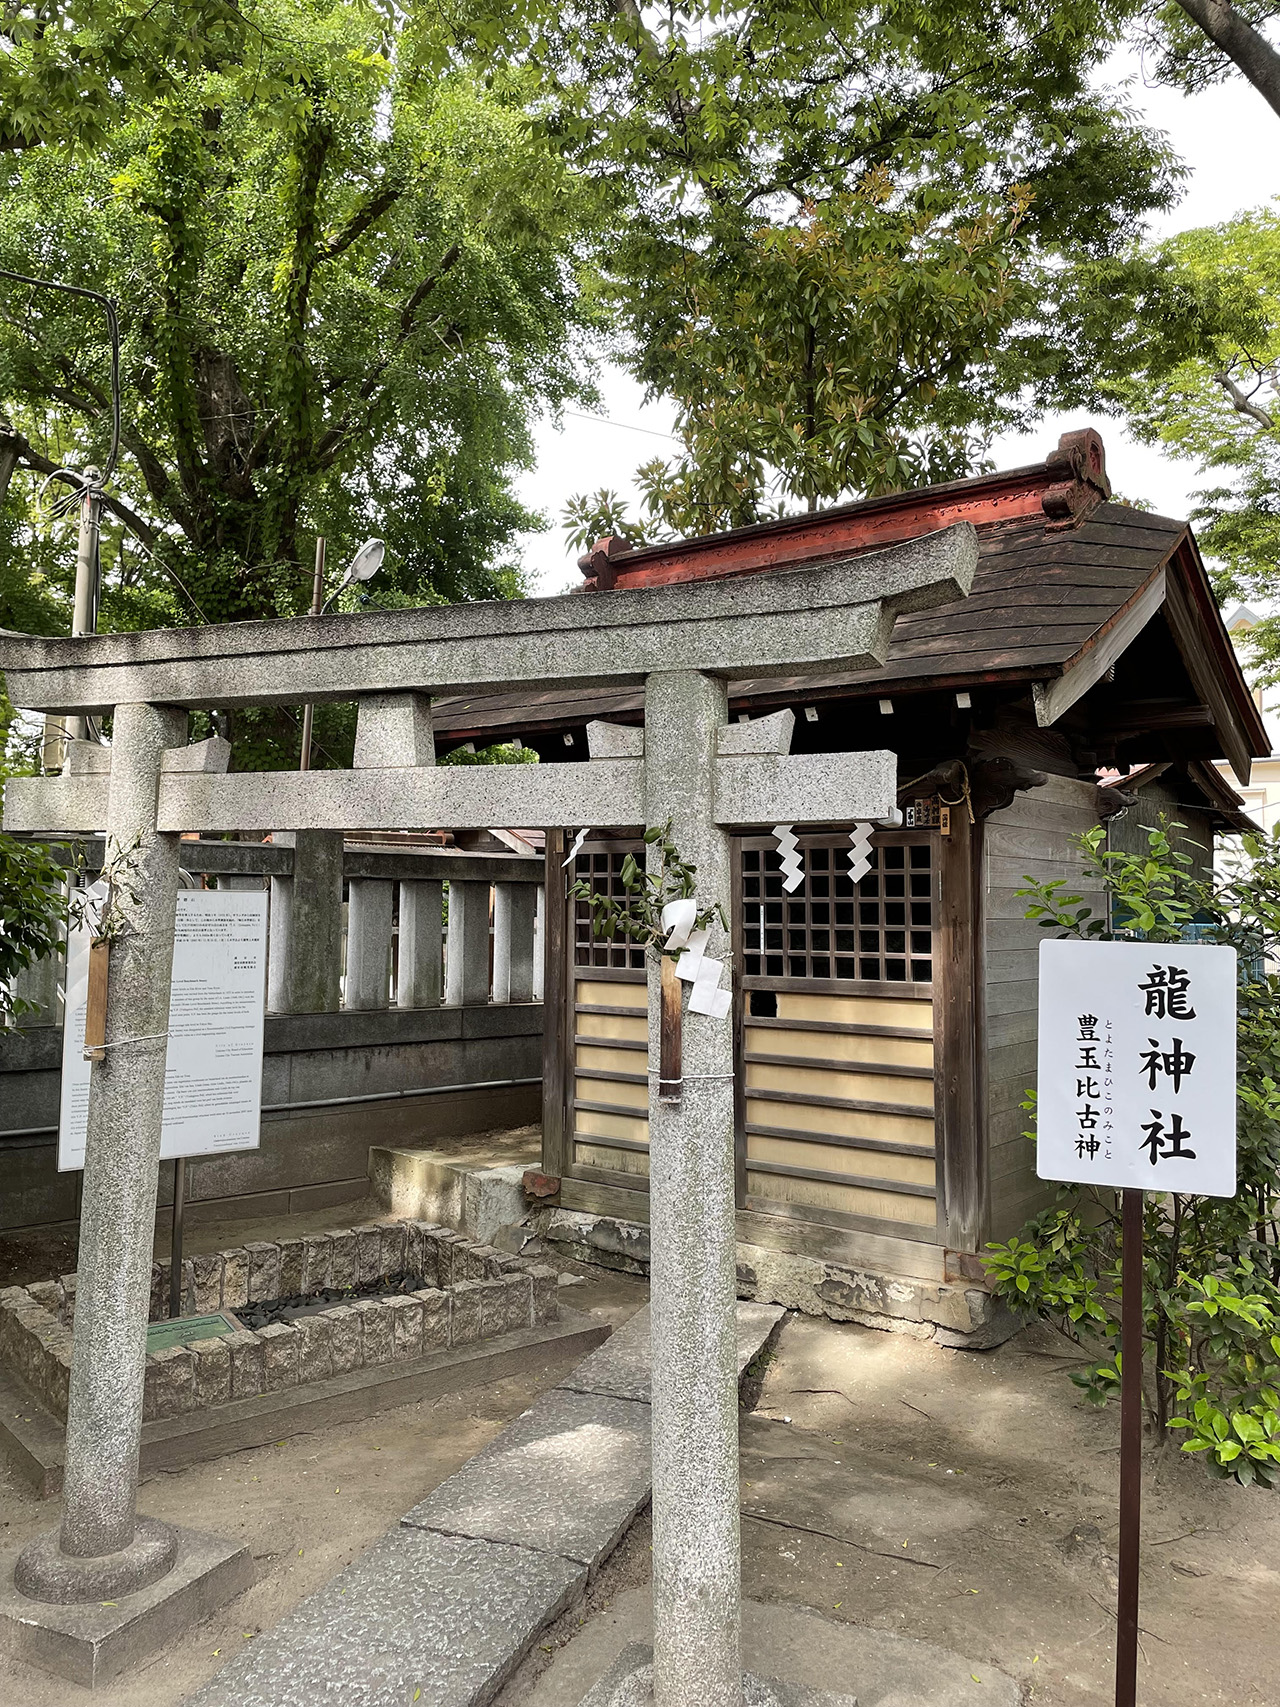 龍神社の写真